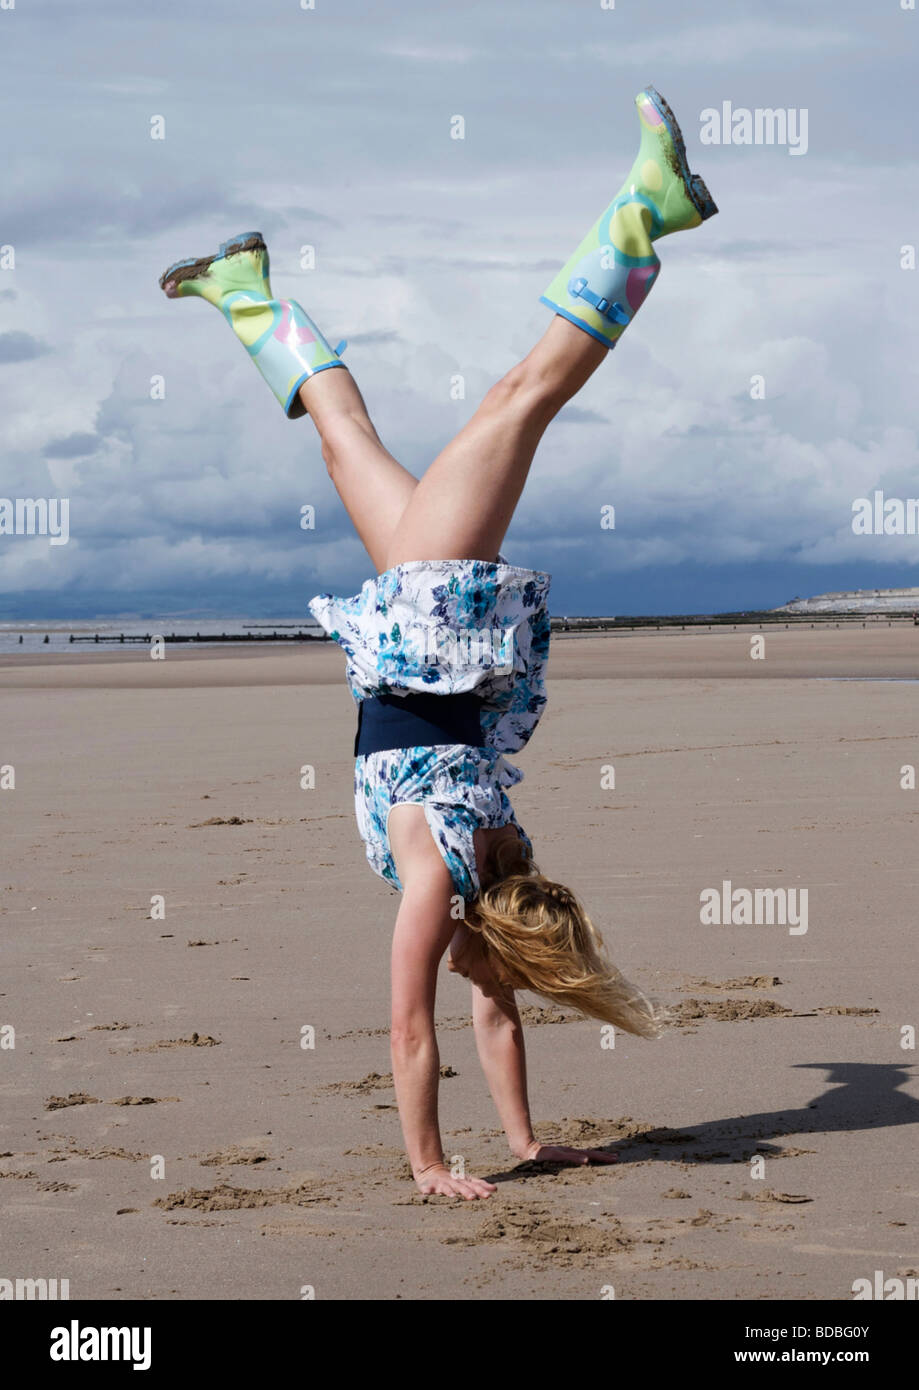 Femme portant une robe et bottes, faire un appui sur la plage Photo Stock